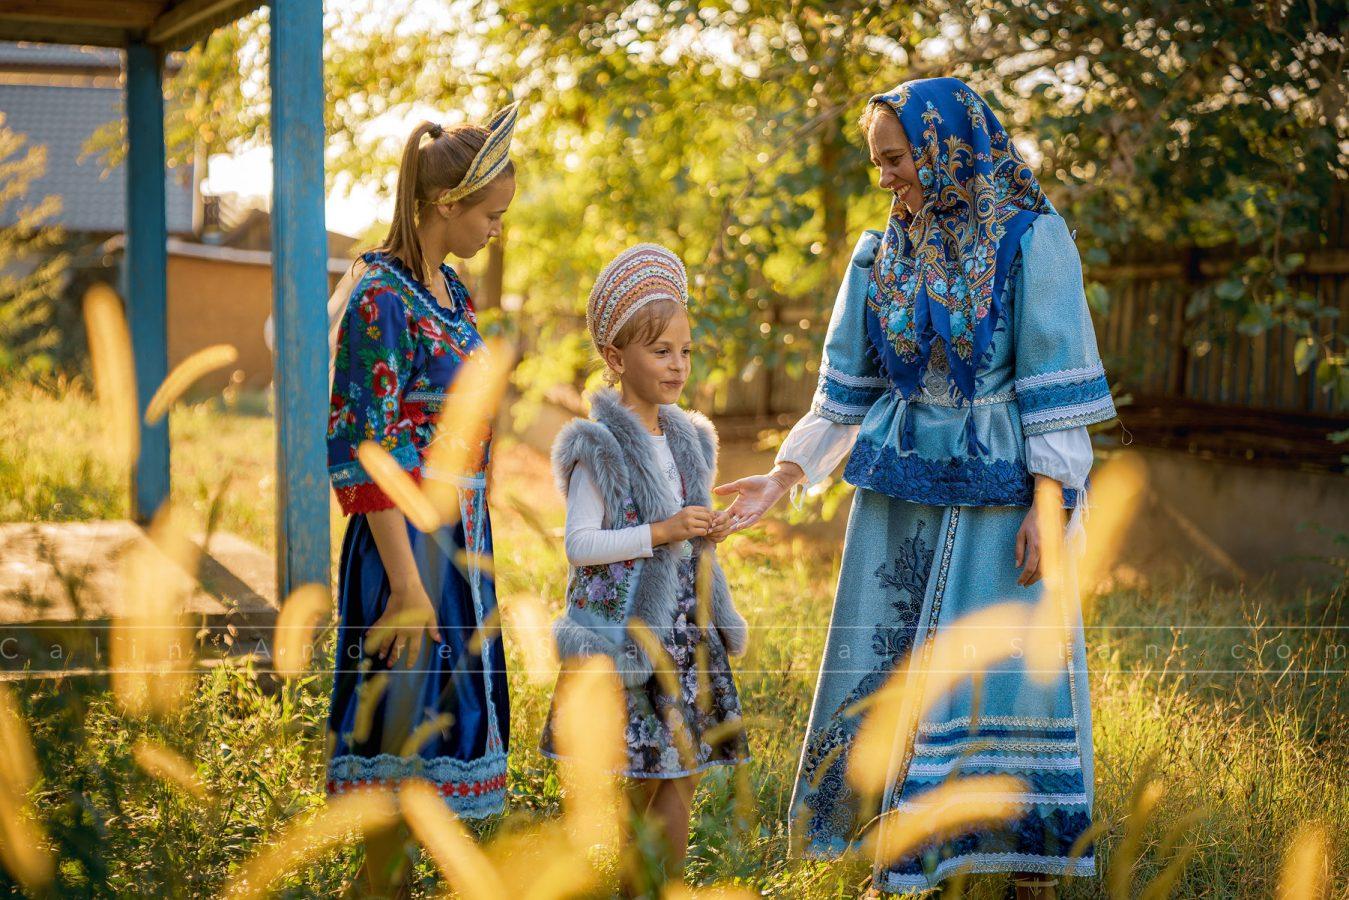 Localnici din Mila 23 în port tradițional. Mila 23, Delta Dunării, August 2019